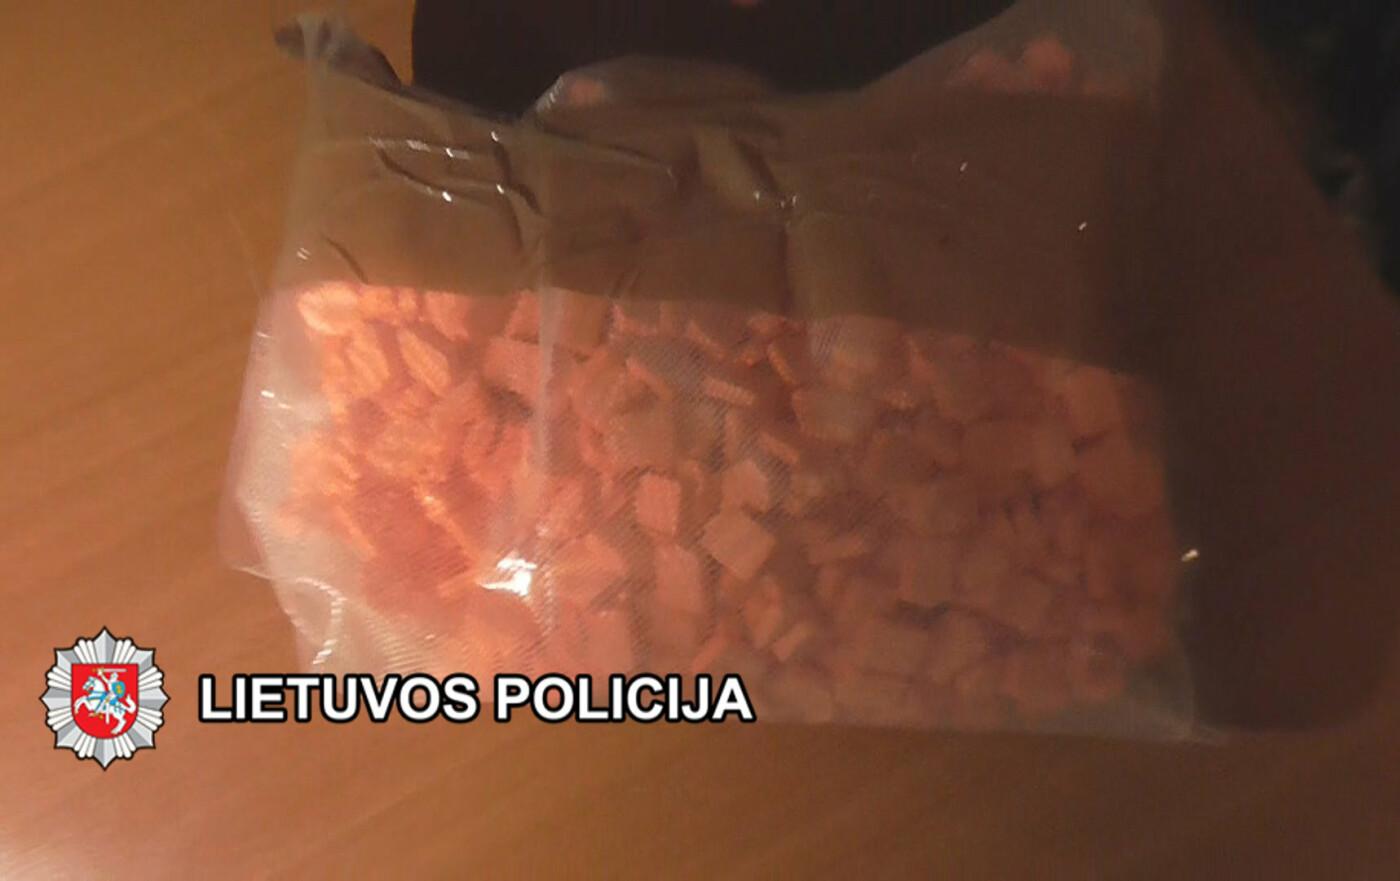 Klaipėdos kriminalistai baigė tyrimą dėl narkotikų platinimo uostamiestyje ir Palangoje, nuotrauka-3, Klaipėdos VPK nuotr.